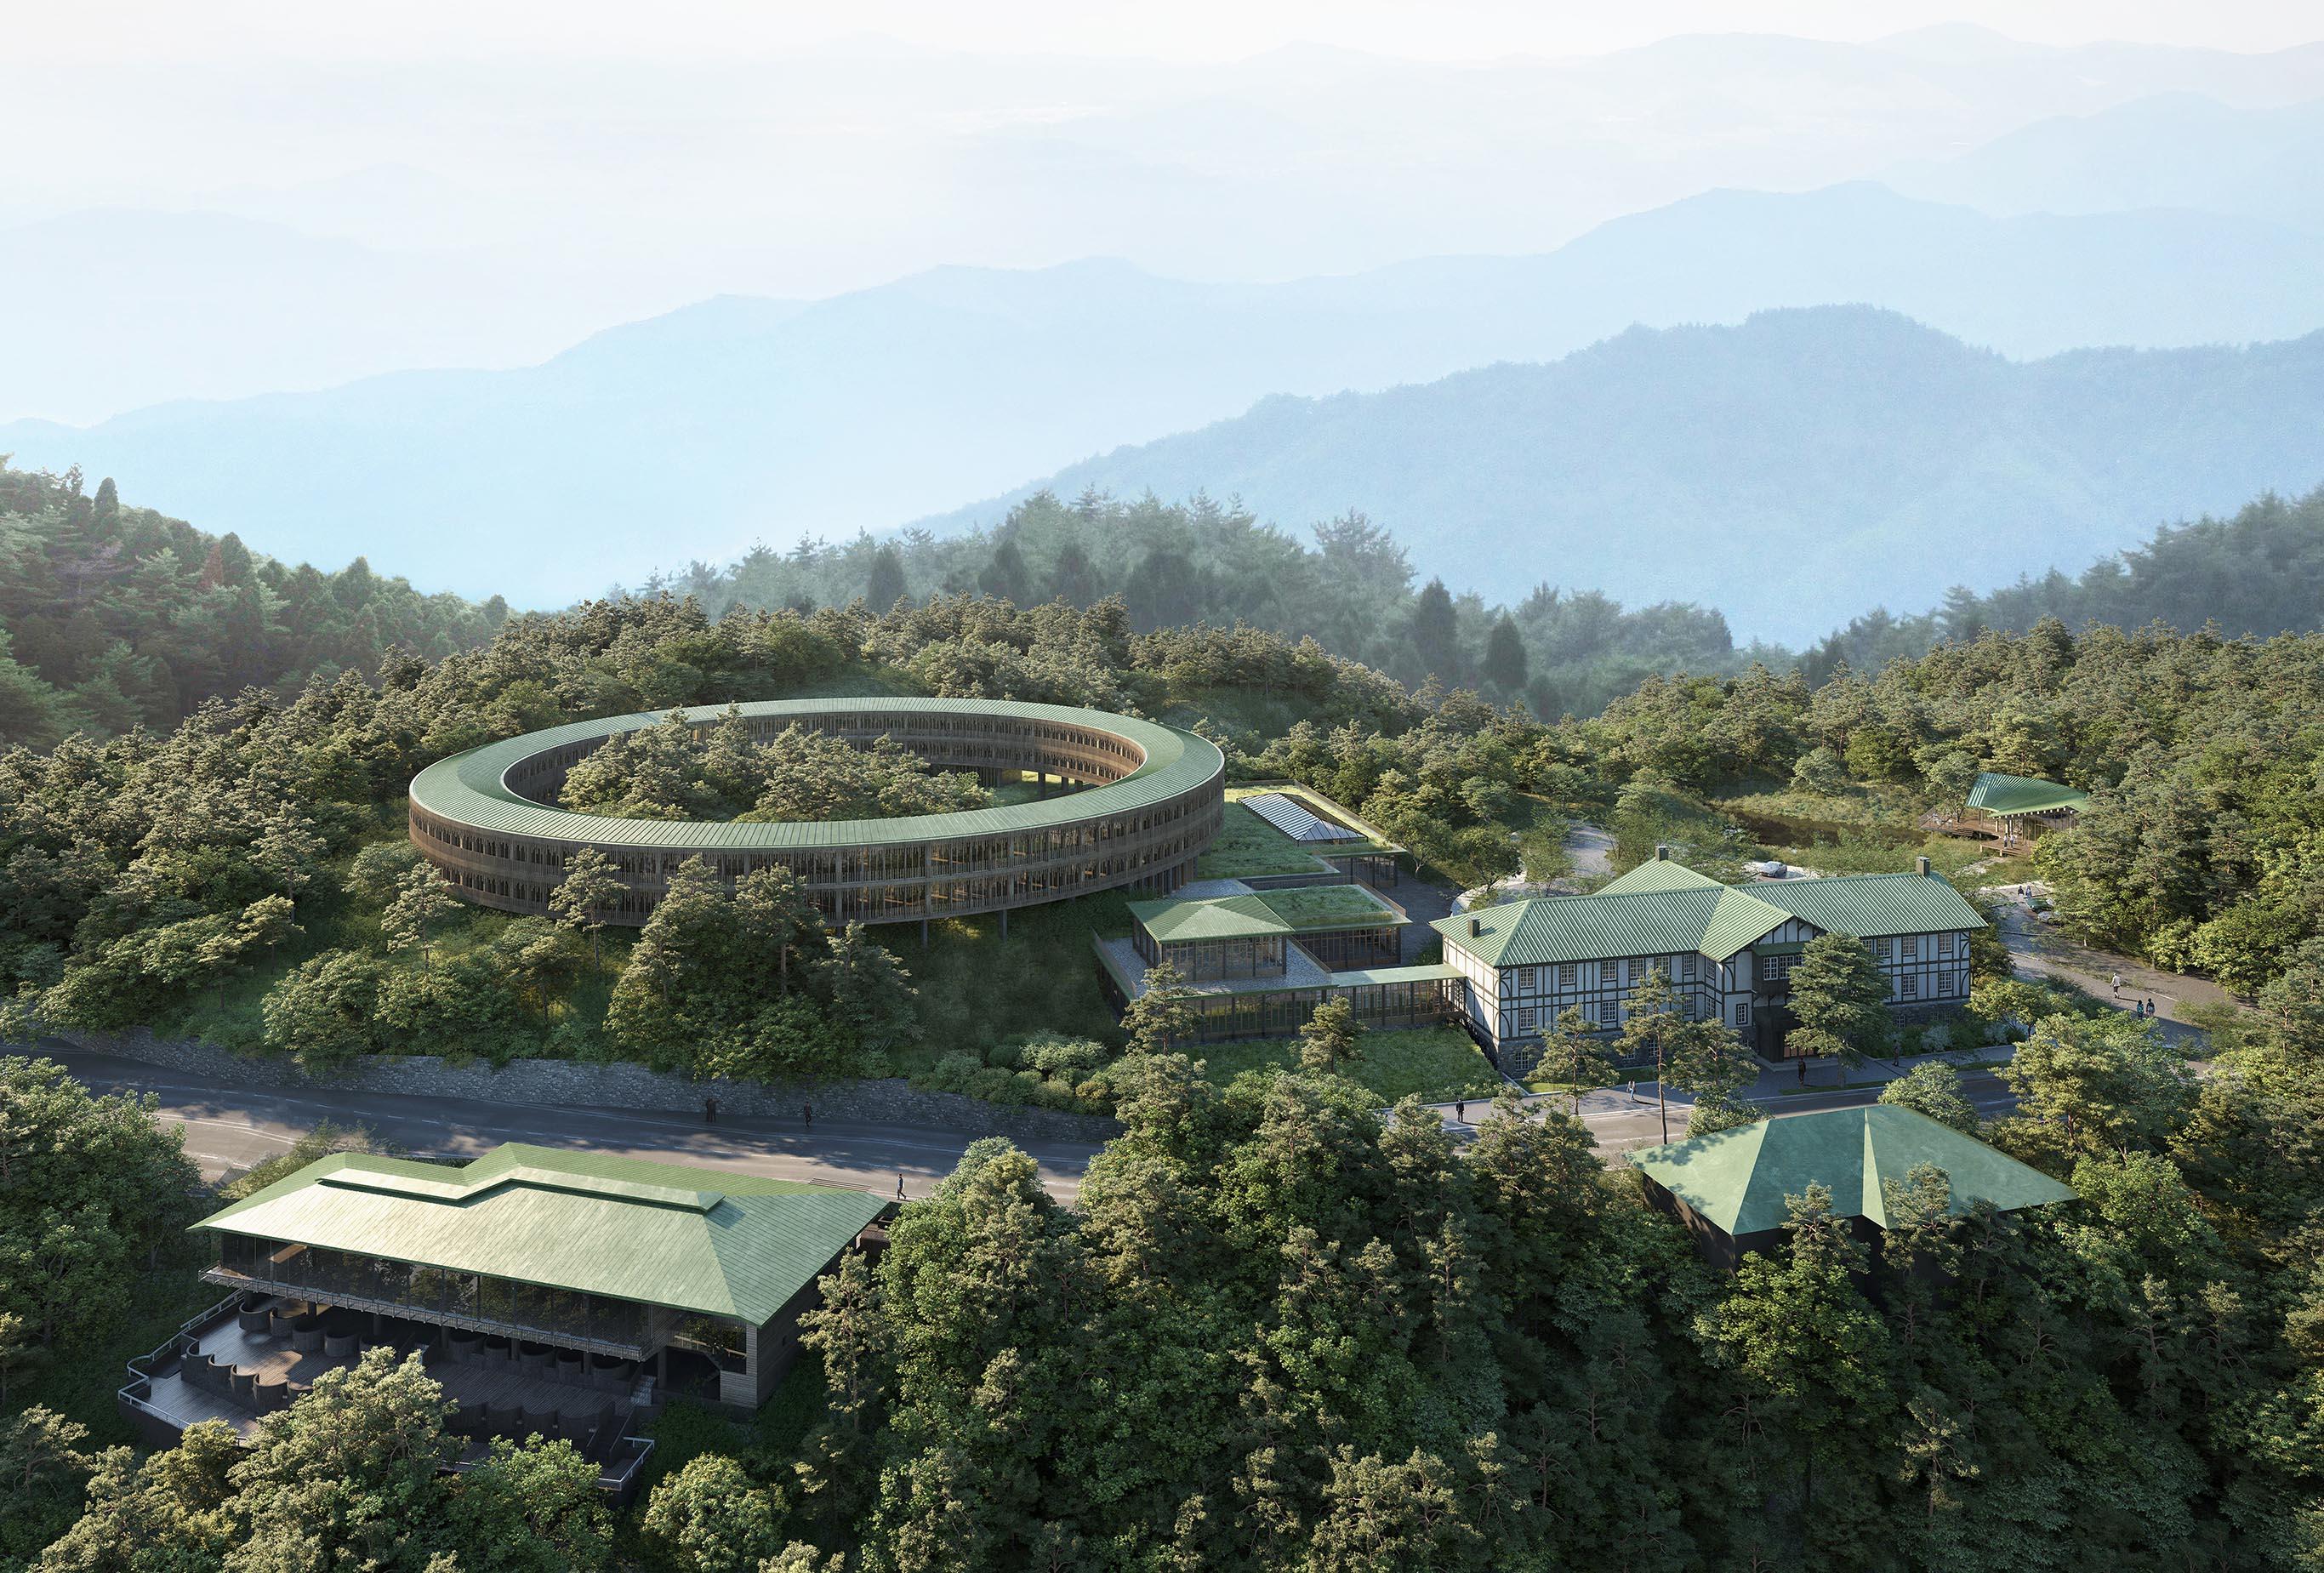 六甲山静谧度假区的全貌,预期将于2025年完成。2019年7月,照片右后侧的旧馆(原六甲山酒店)开始营业。©️Rokkosan silence resort